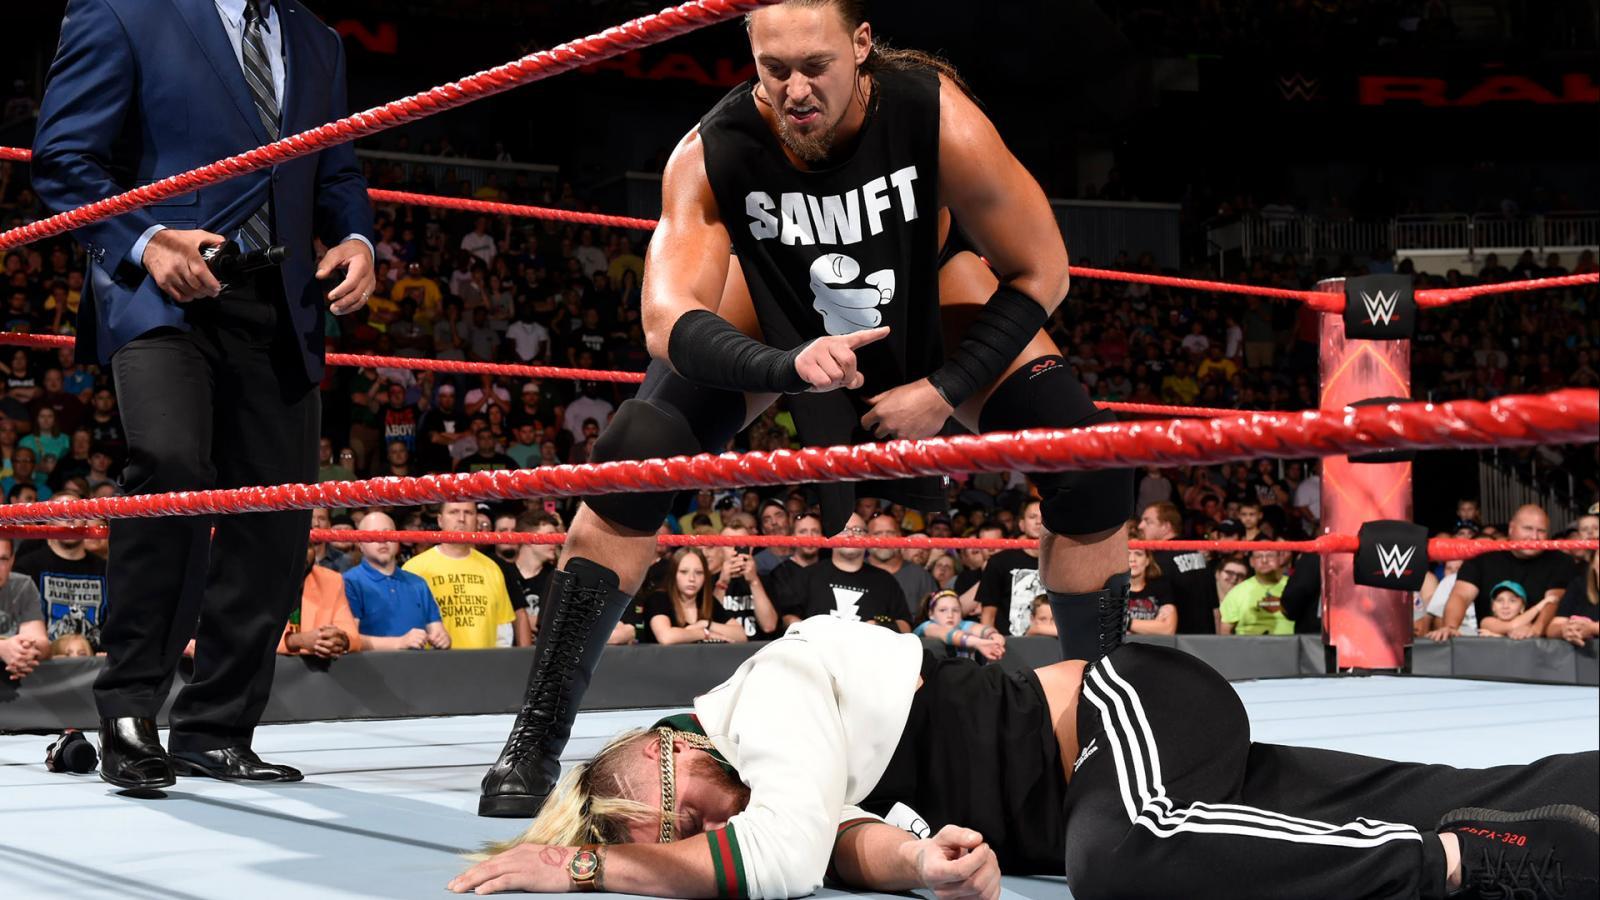 WWE RAW रिजल्ट्स : 20 जून 2017 : आज के रॉ में साफ़ हुआ किसने लगातार किया था एंजो और बिग कैस पर हमला 27